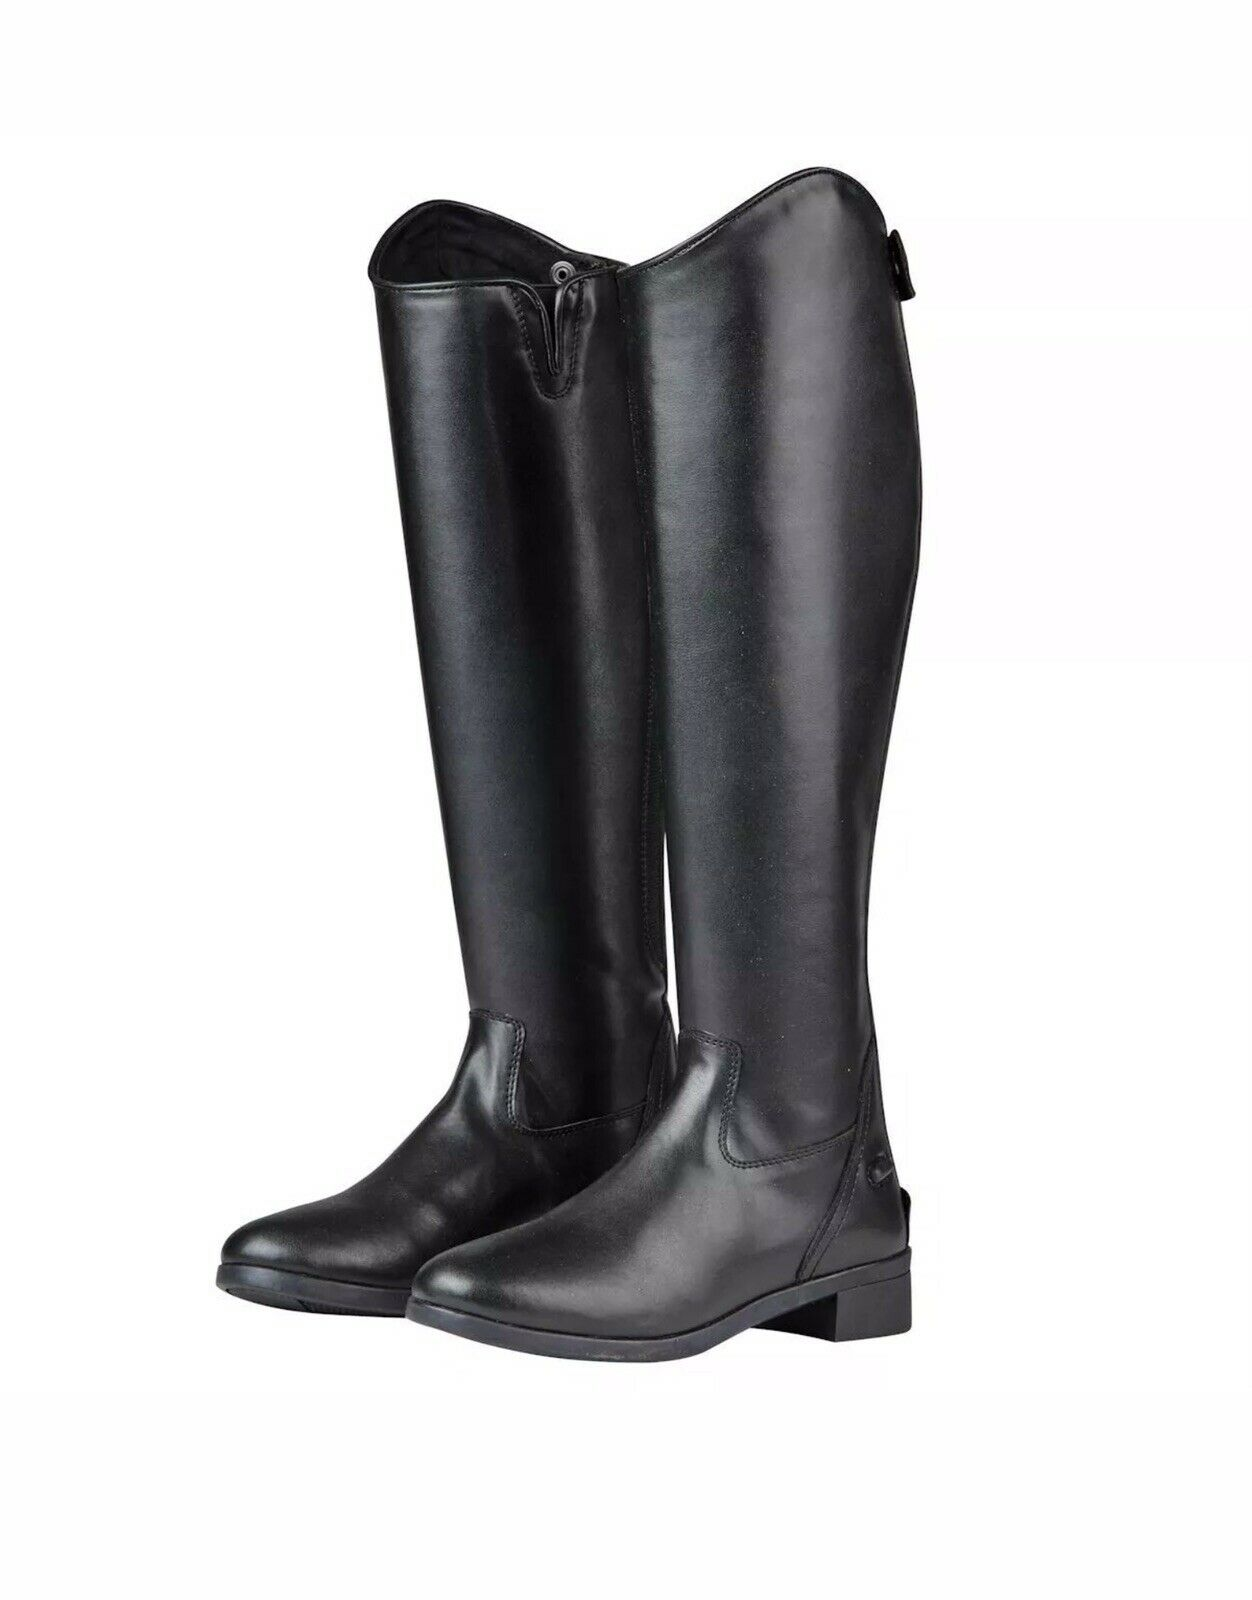 Nuevas botas De Equitación Ecuestre Saxon syntovia negro hombre o mujer (adulto tamaño de Reino Unido 6)